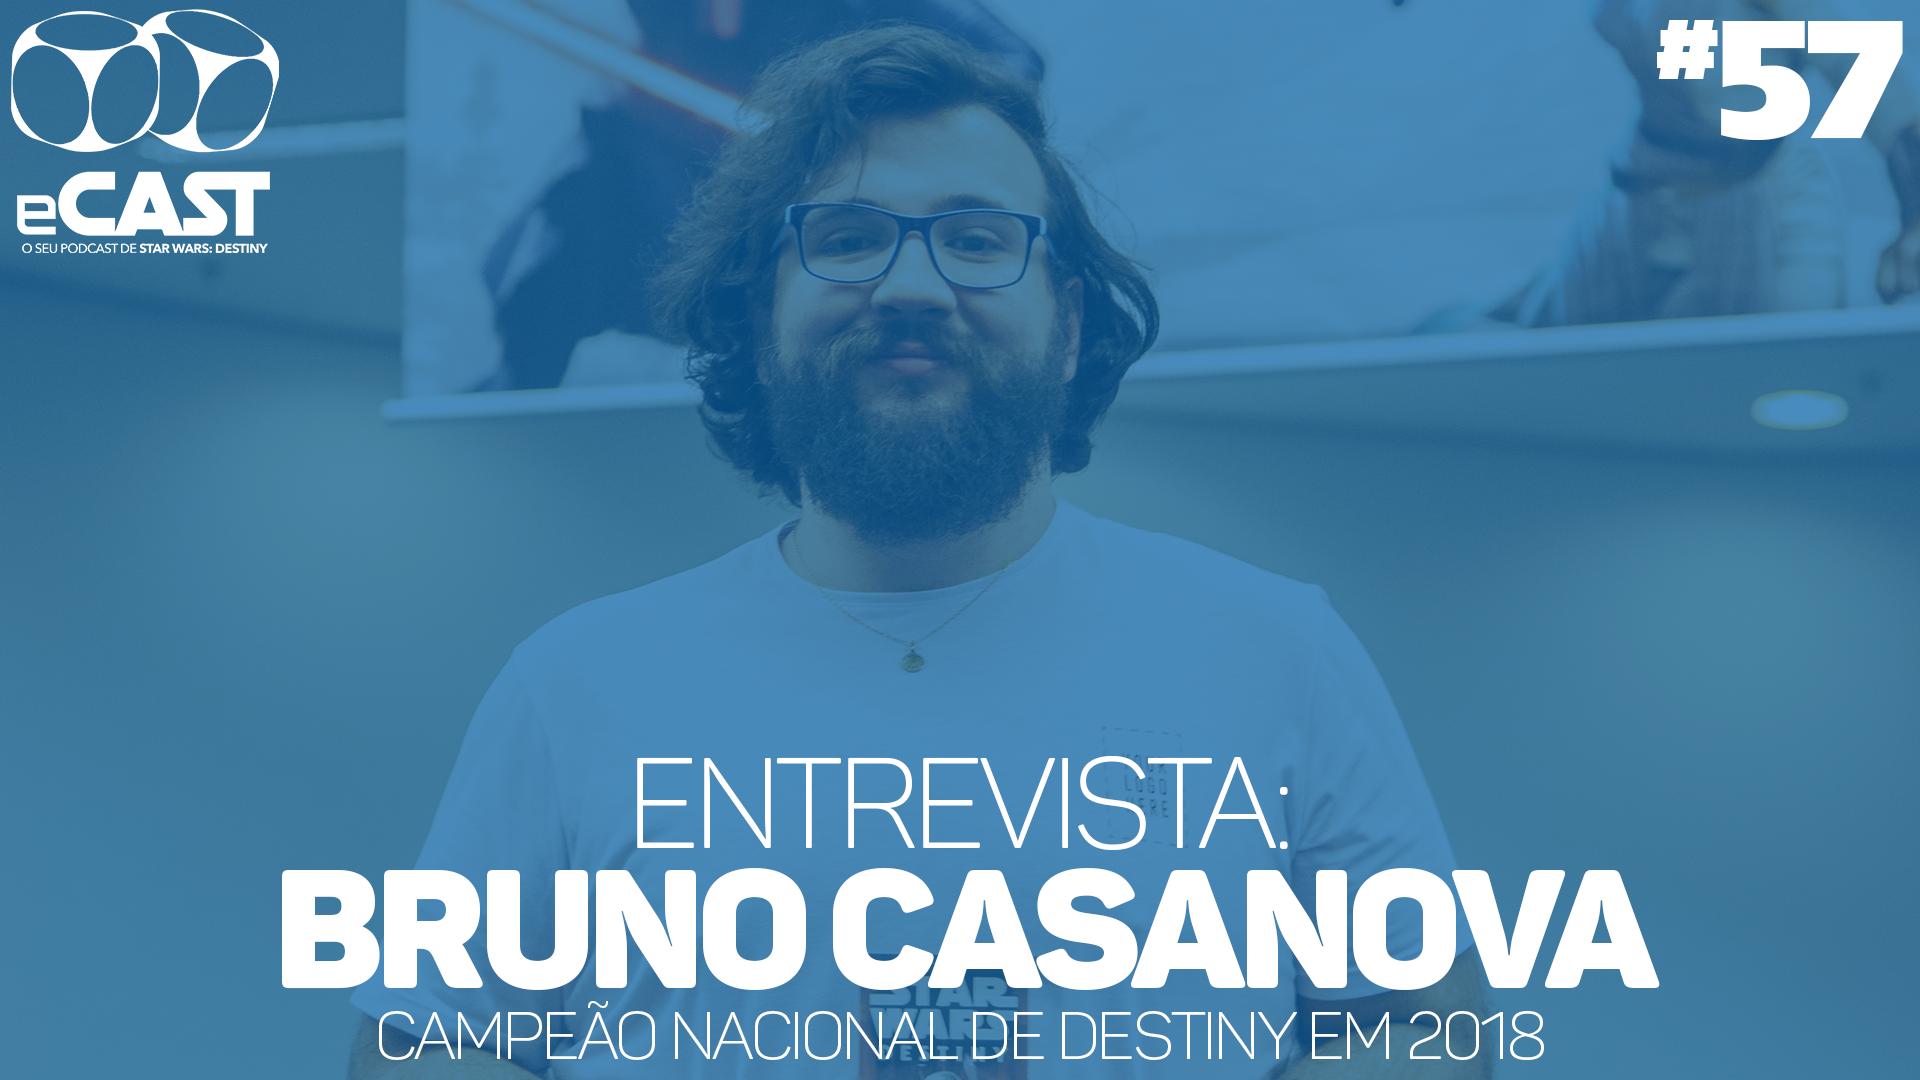 eCast 57 – Entrevista: Bruno Casanova, campeão nacional de Destiny em 2018